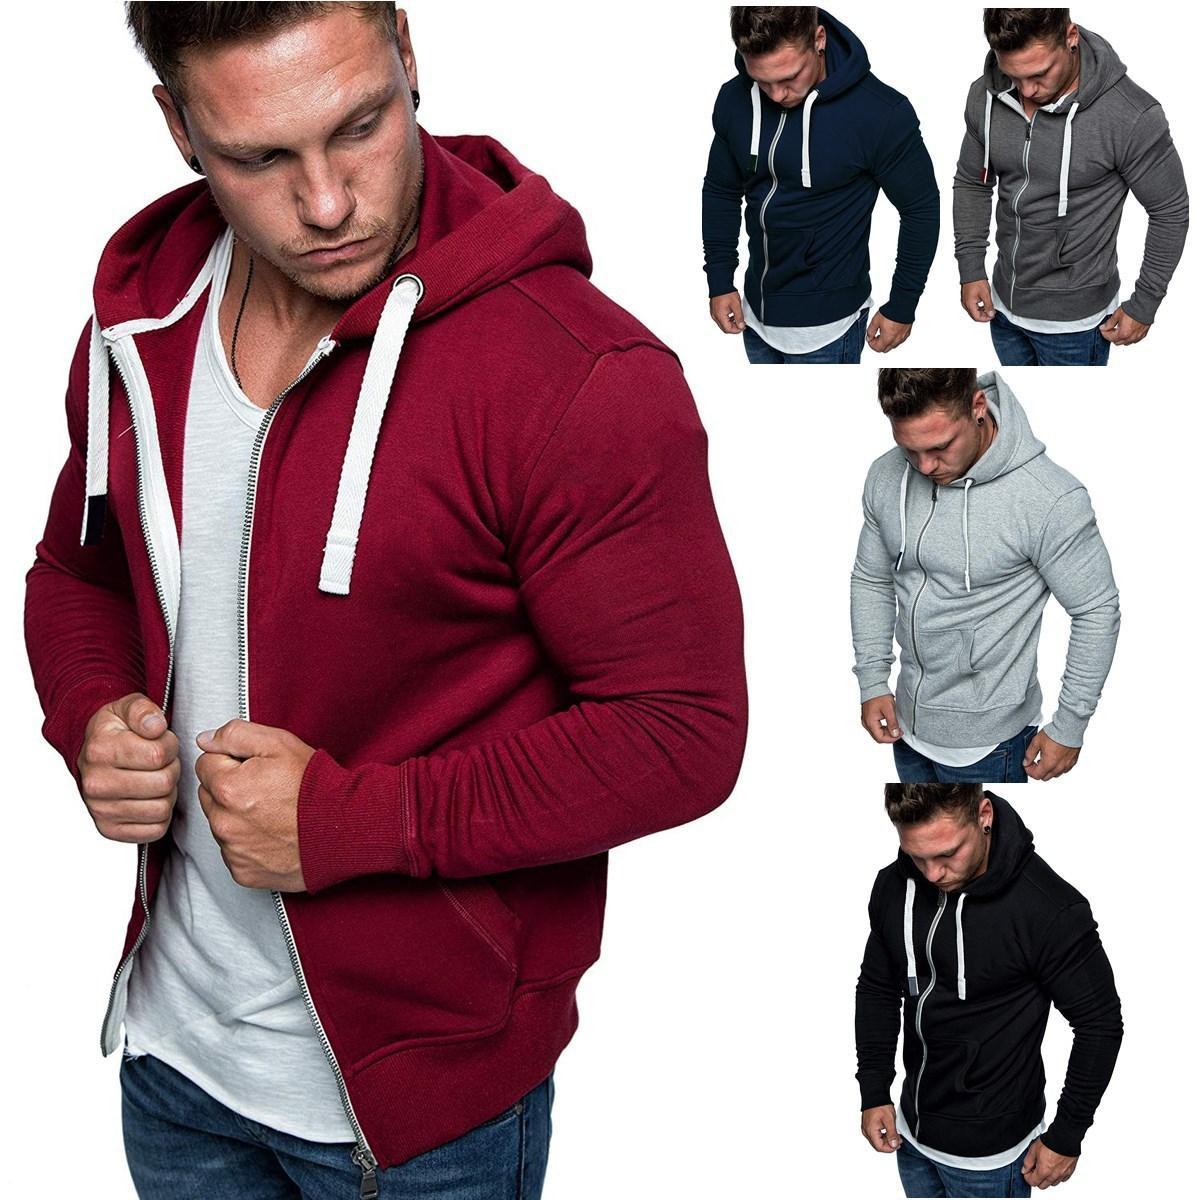 Sonbahar Erkek Kapüşonlular Fermuar Tişörtü Fleece Hoodies spor Coat Sonbahar Erkekler Katı Renk Kazak Casual Hood Coat Tops 2020 T200716